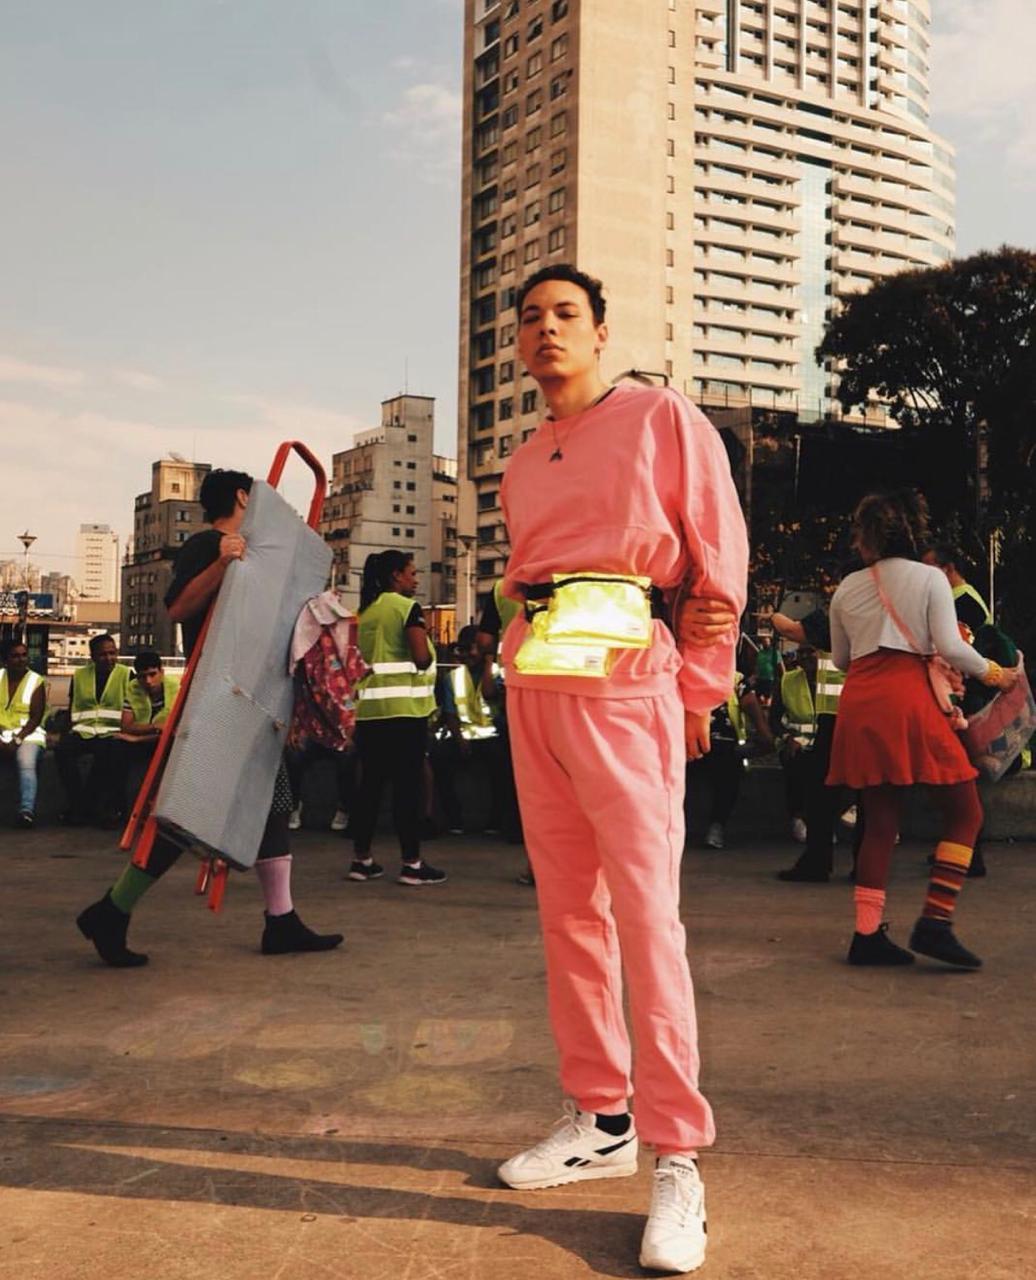 streetwear brasil entrevista luiza sant 07 - SWBR entrevista Luiza Sant da LZST